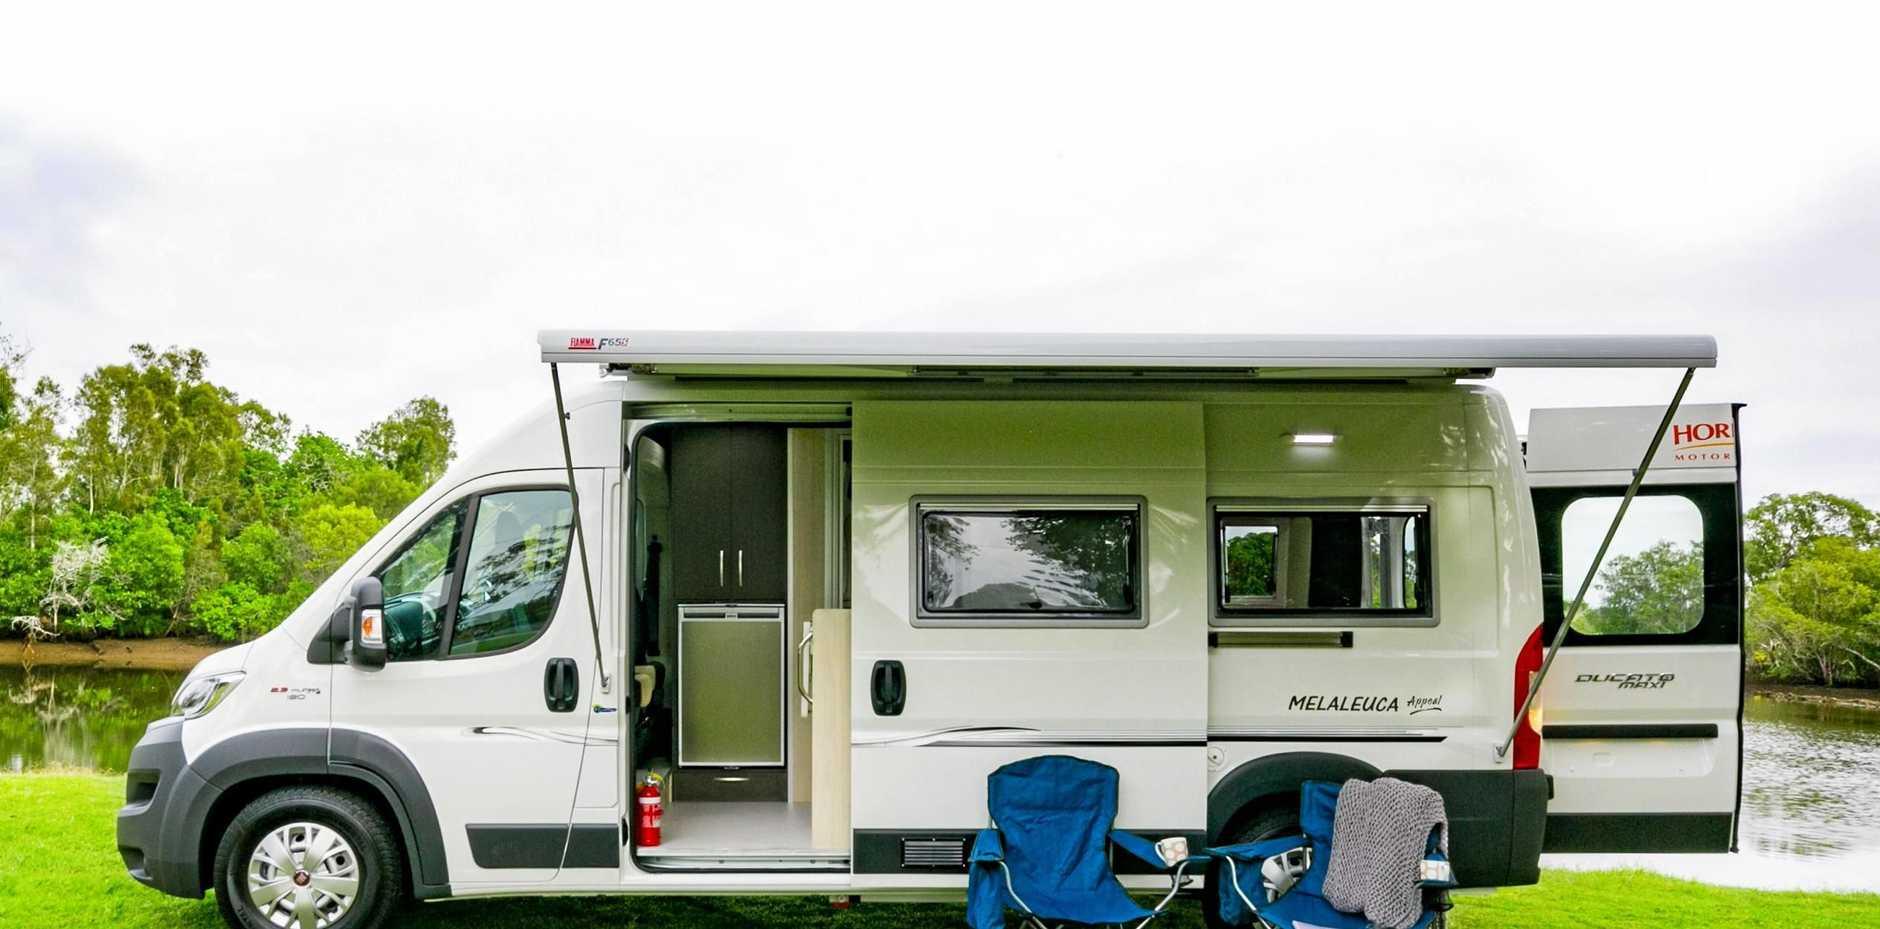 Bundaberg RV-friendly facility one step closer | News Mail